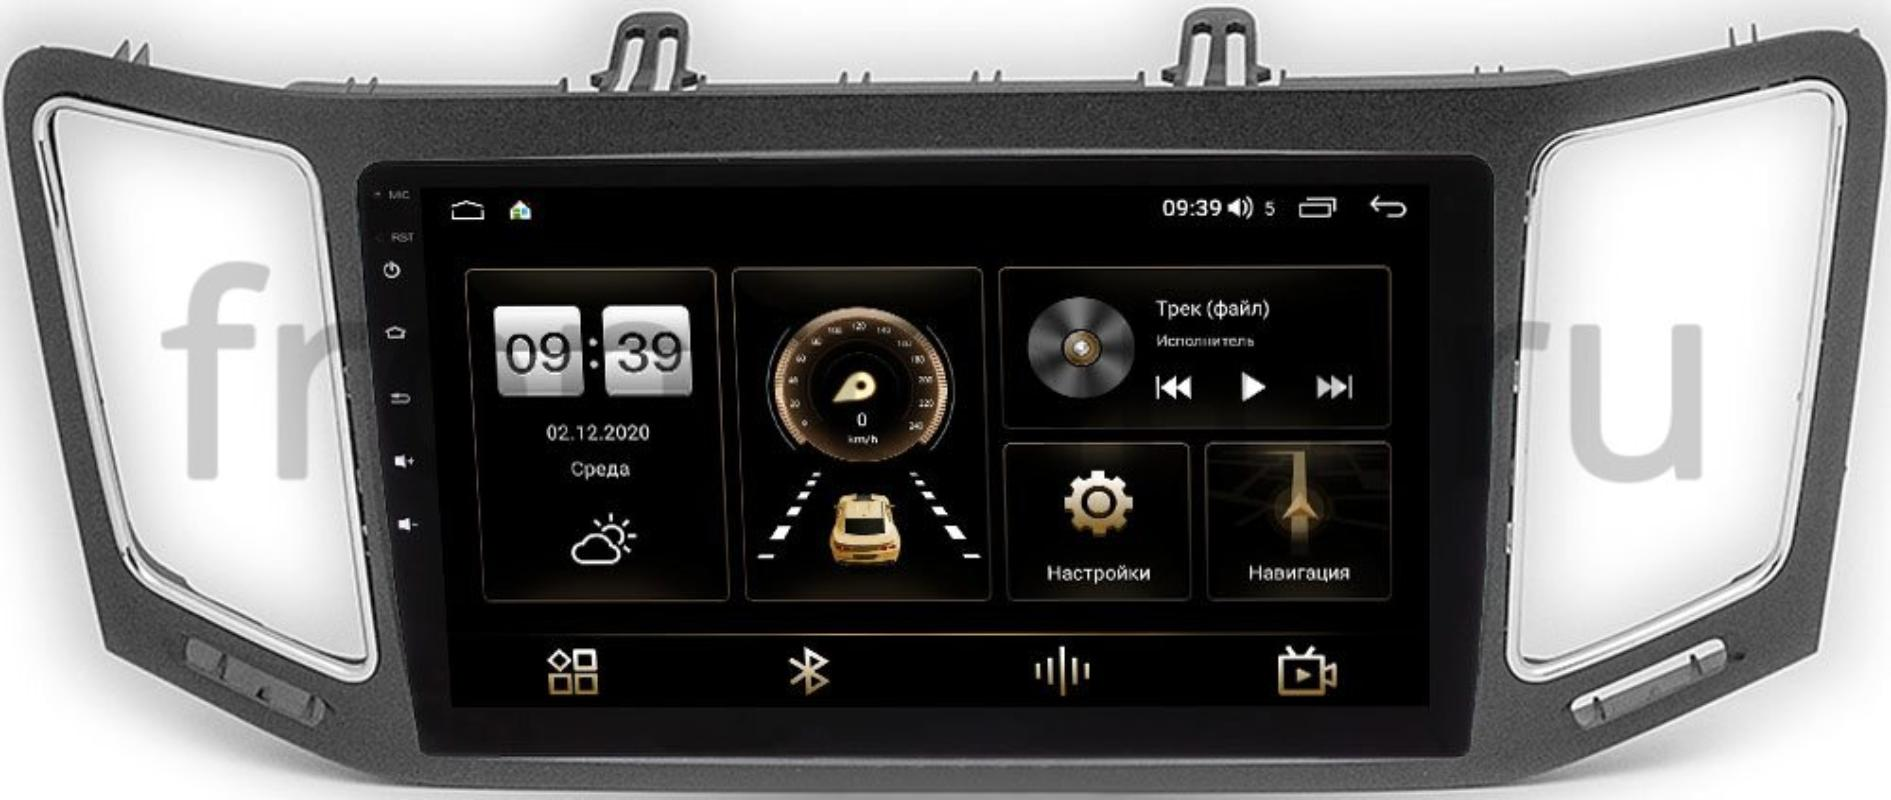 Штатная магнитола LeTrun 4166-9-404 для Volkswagen Sharan 2010-2021 на Android 10 (4G-SIM, 3/32, DSP, QLed) (+ Камера заднего вида в подарок!)